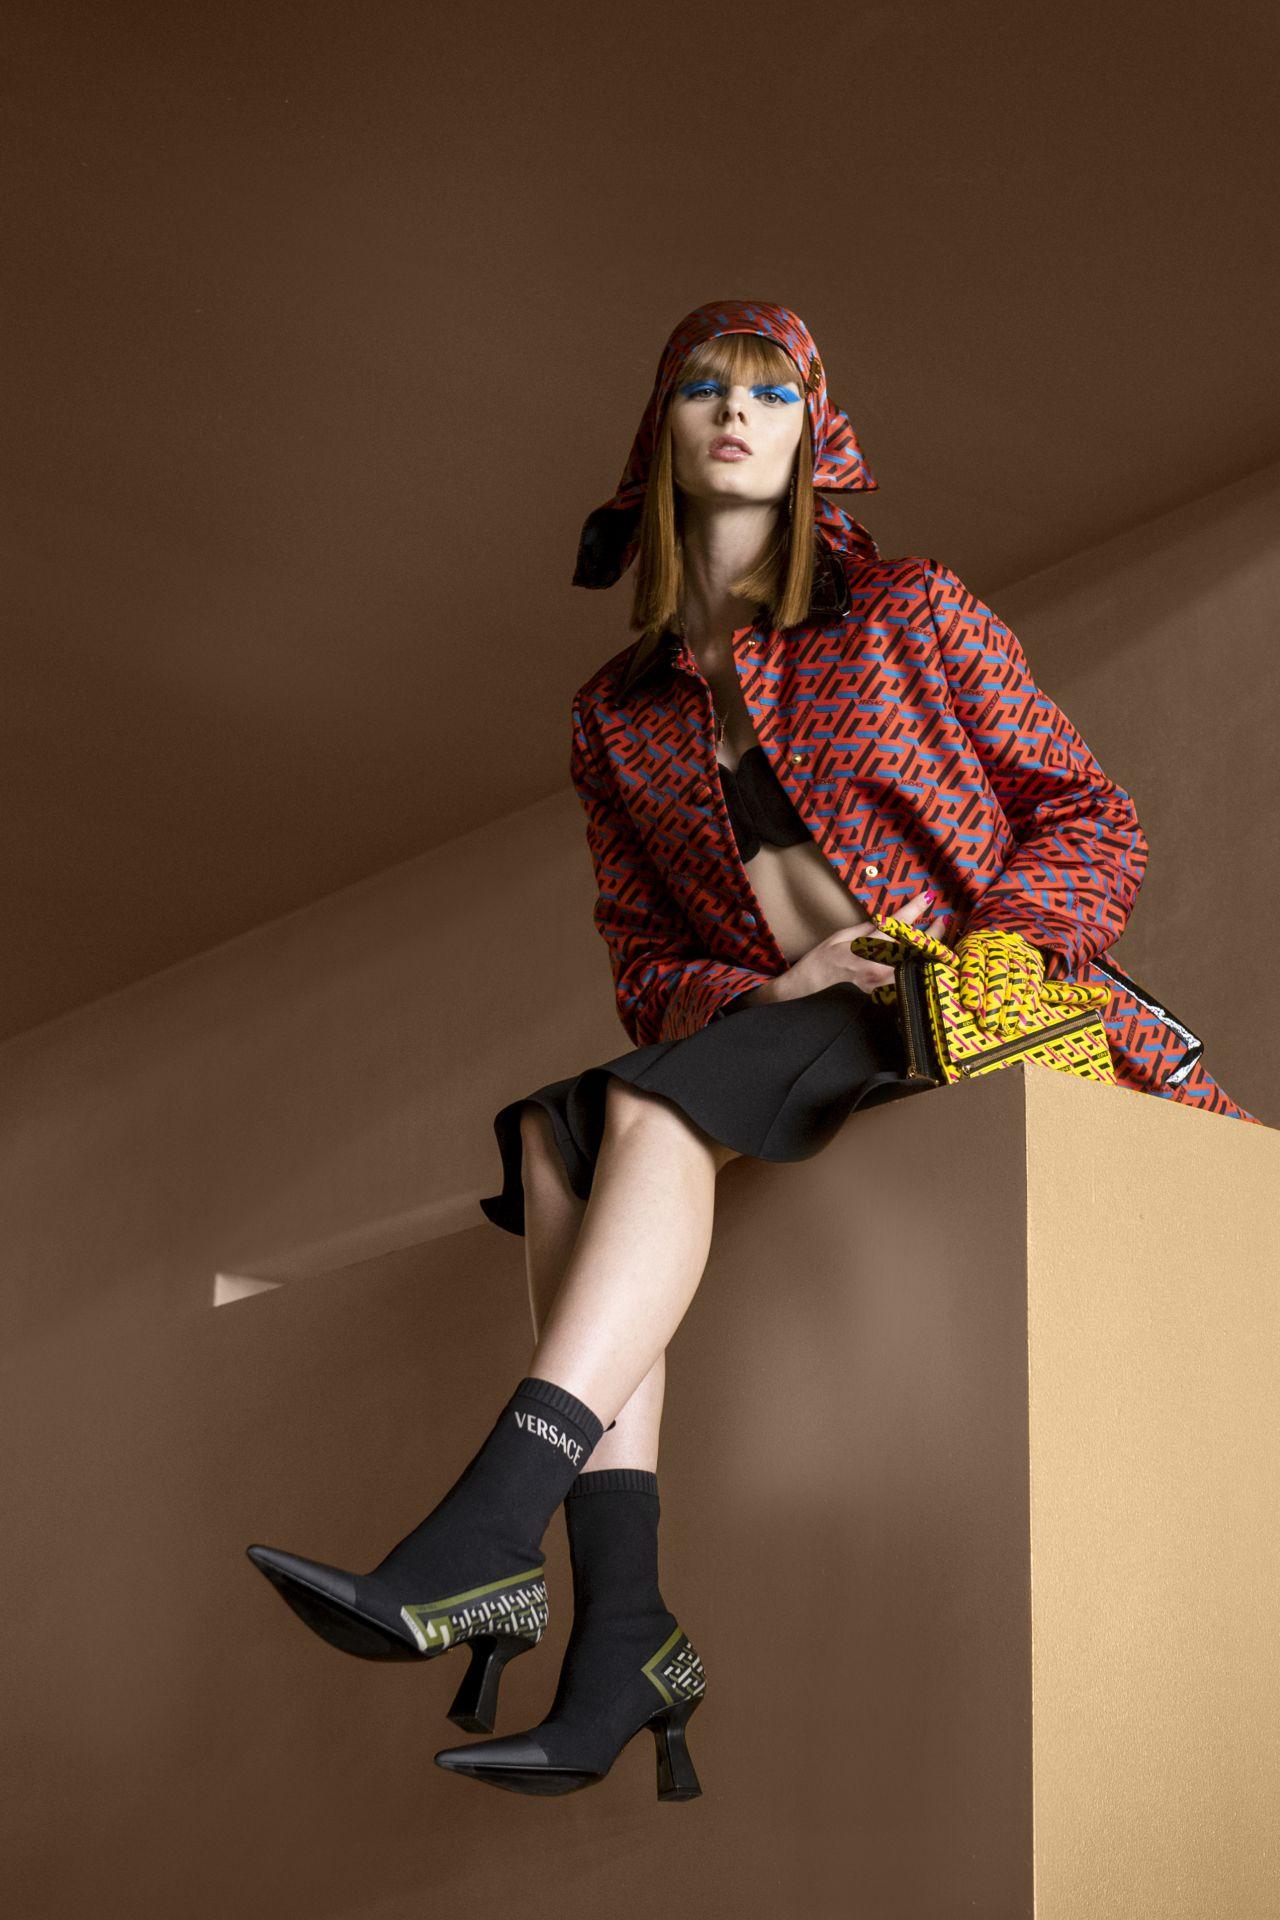 4. kép: Versace